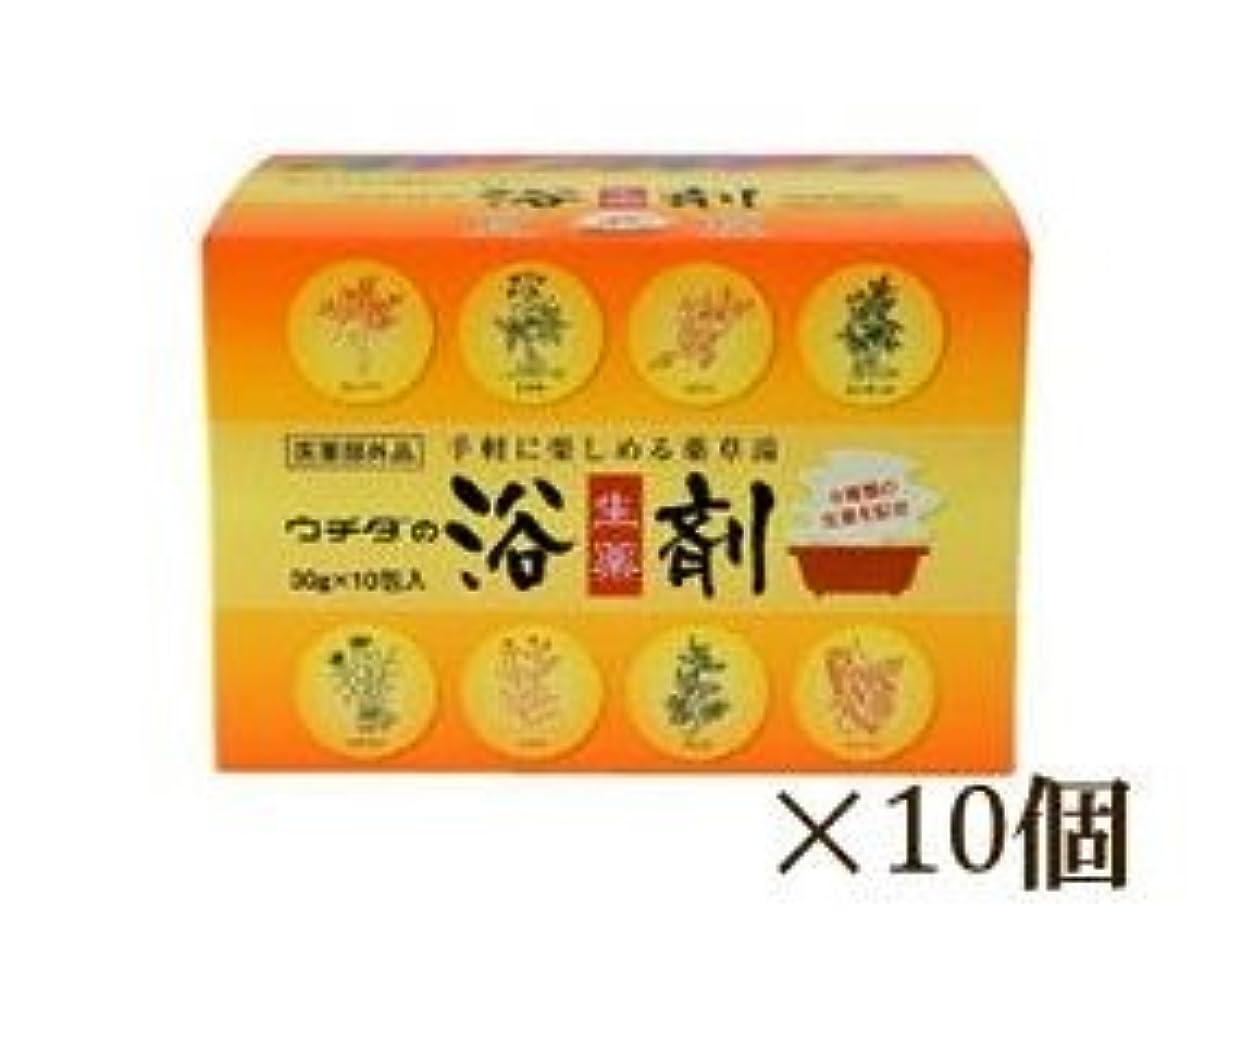 拡張マニフェスト脱臼するウチダの生薬浴剤 10箱セット (1箱30g×10包) 医薬部外品